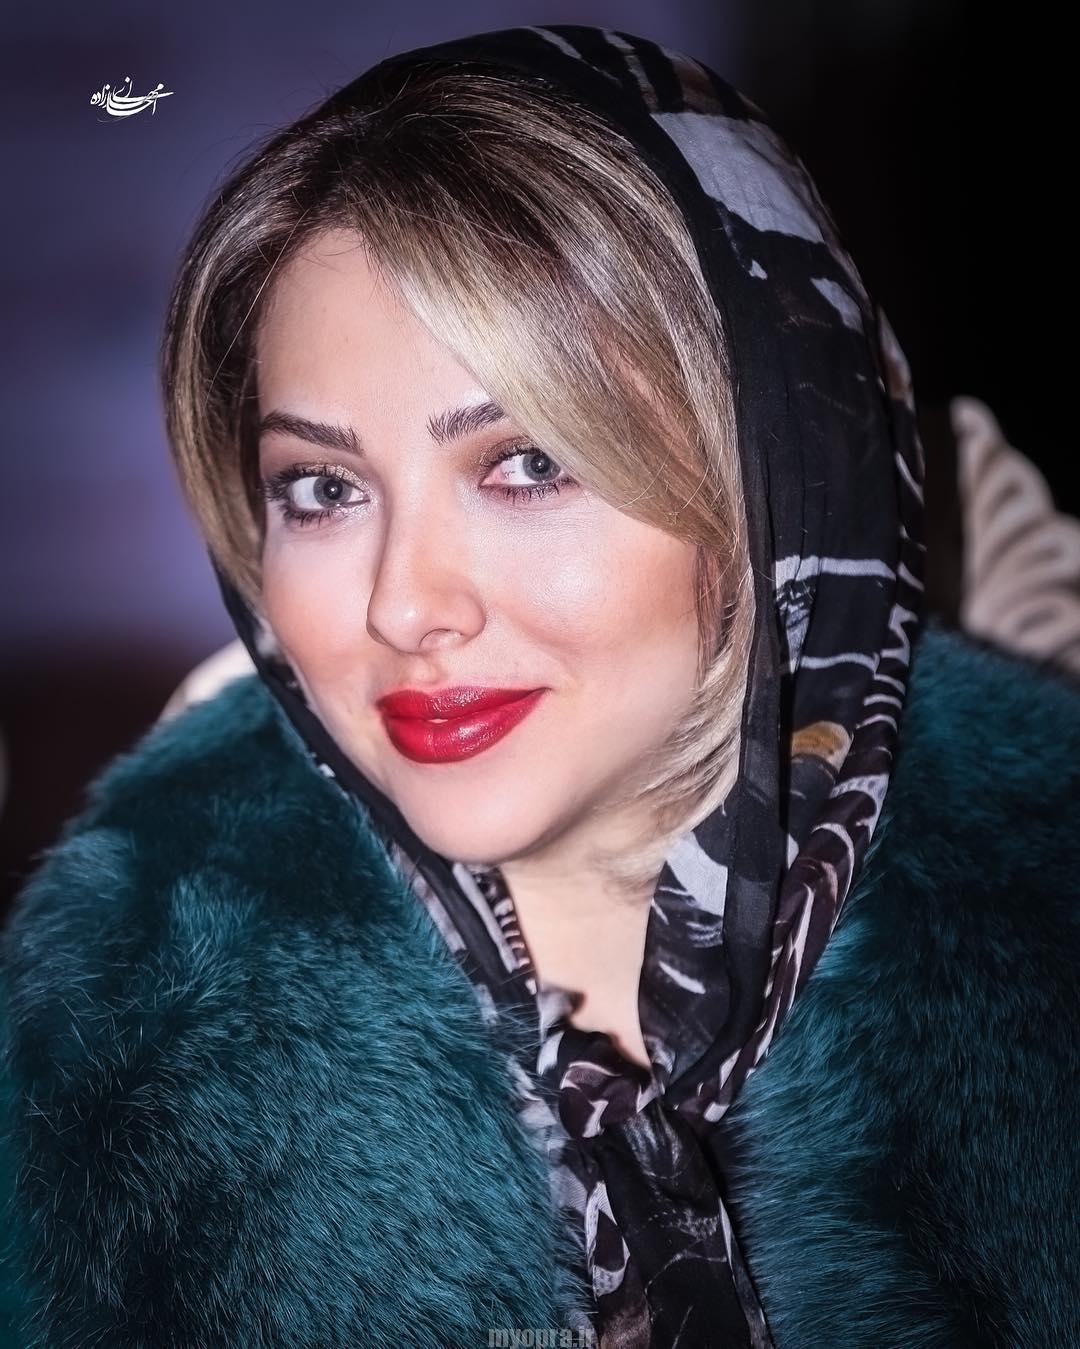 بازیگران زن عکس های اردیبهشت 95